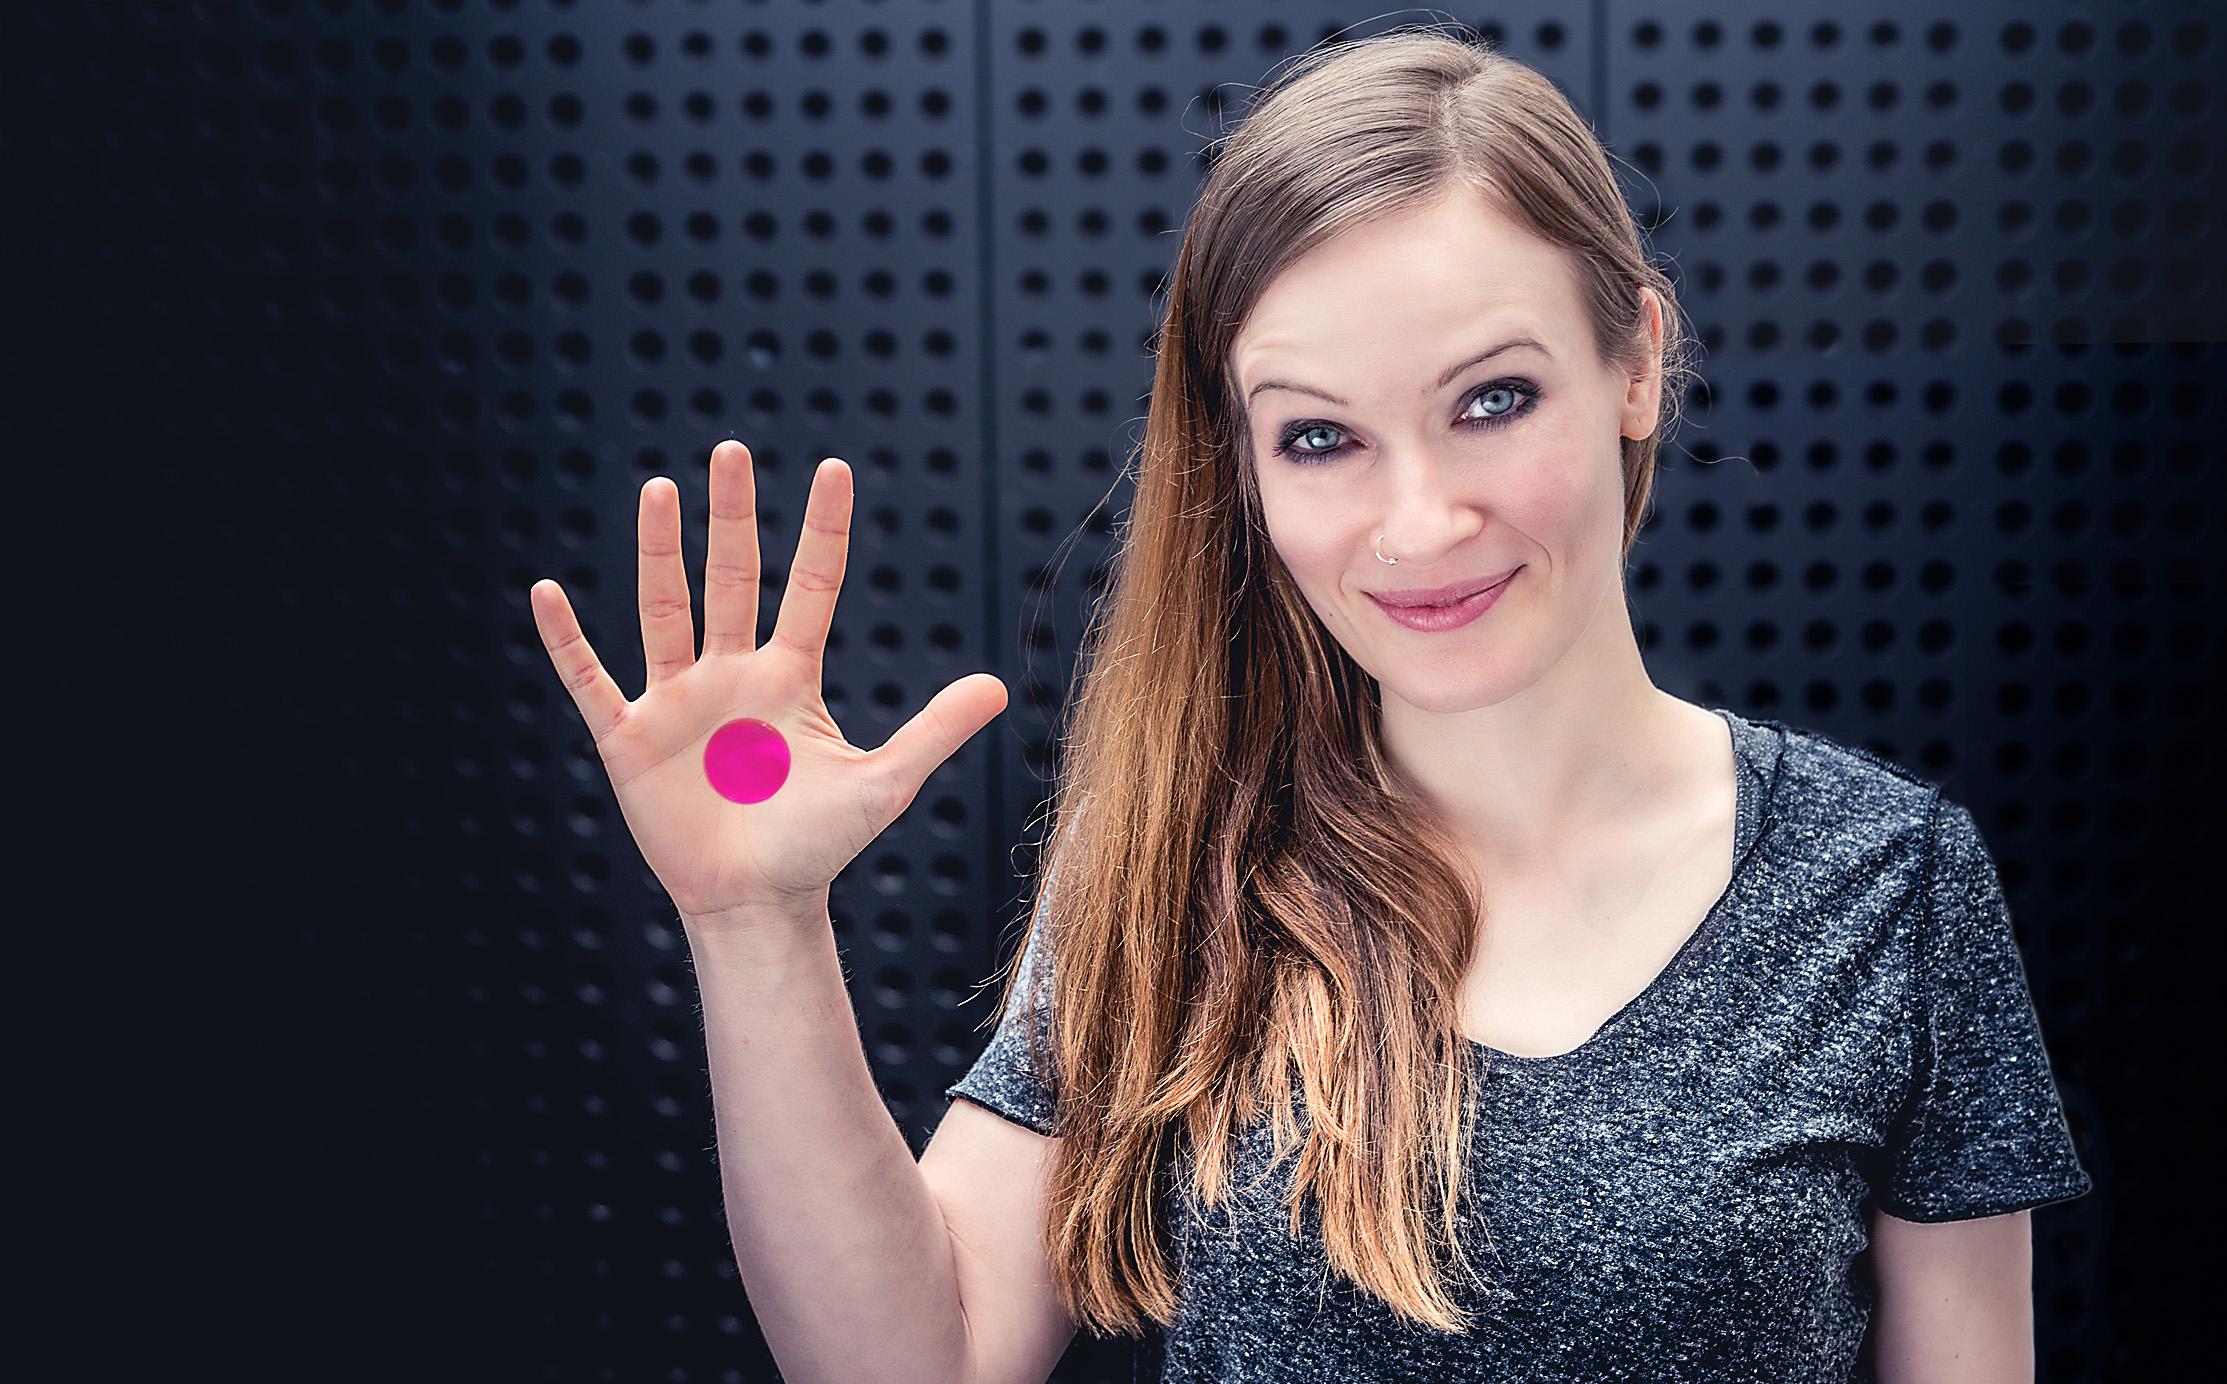 Anika Nilles SlapKlatz Pink hand shot